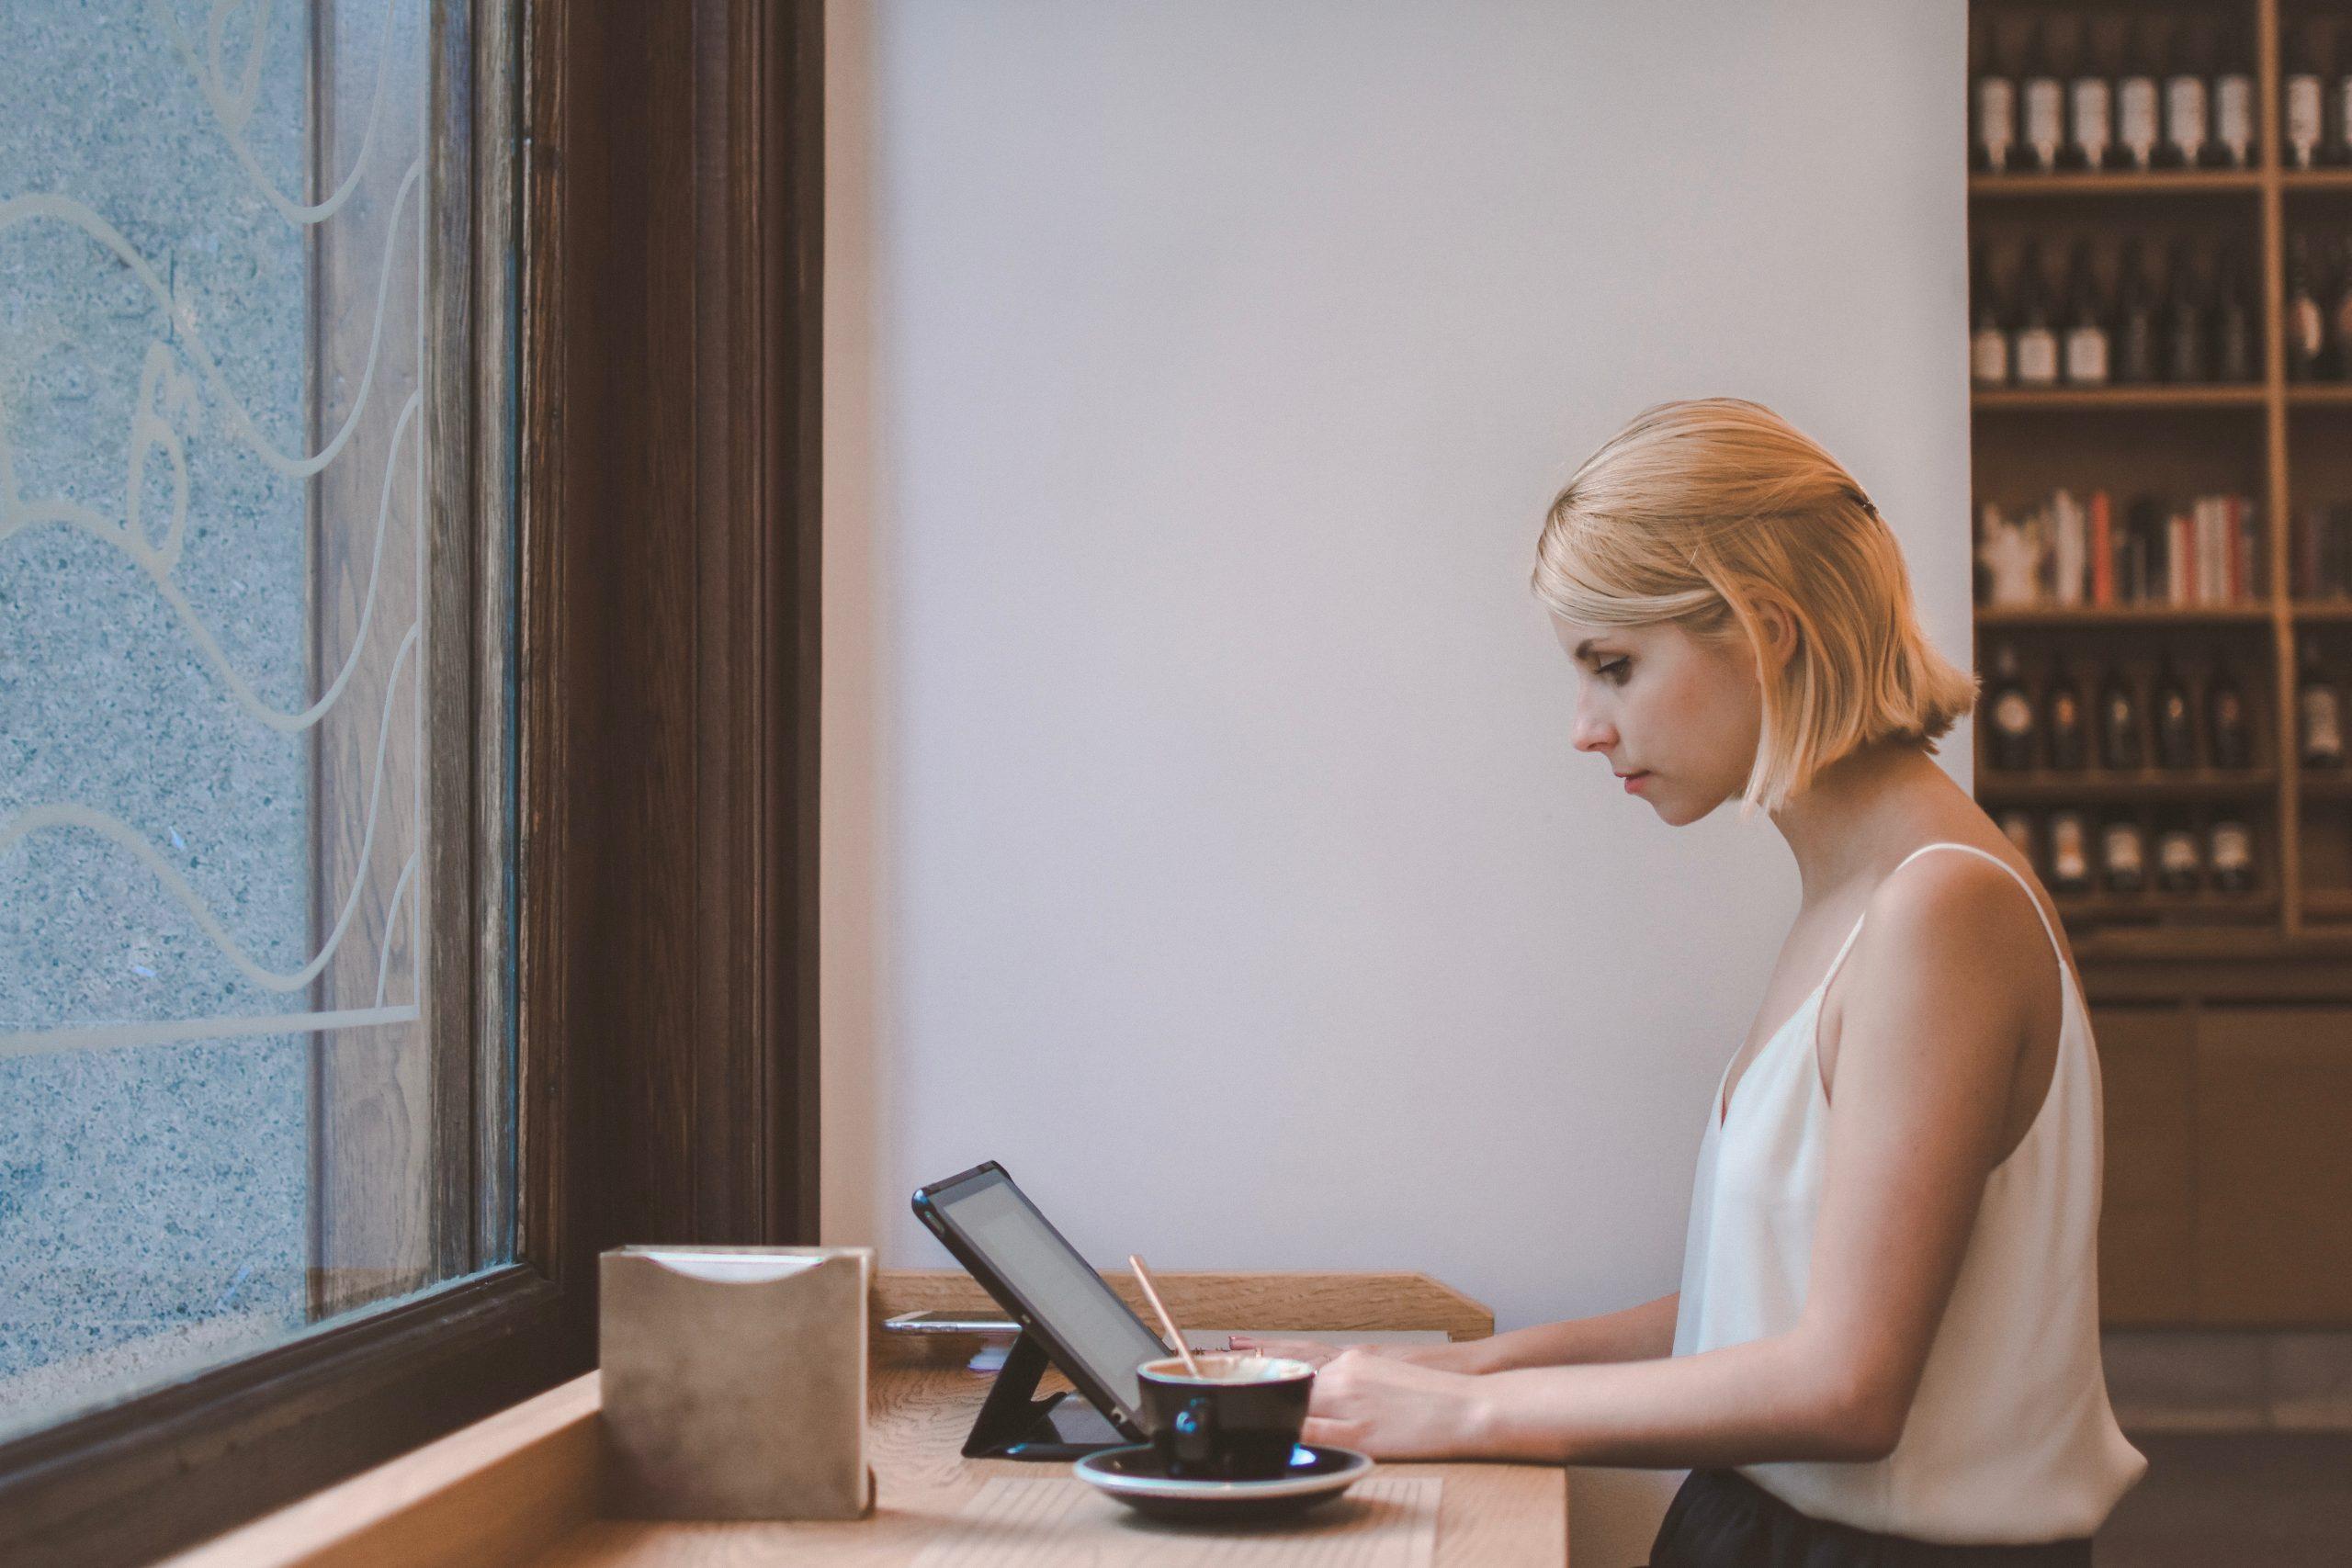 Psychologische Online-Beratung kannst du in der dir vertrauten Umgebung nutzen.